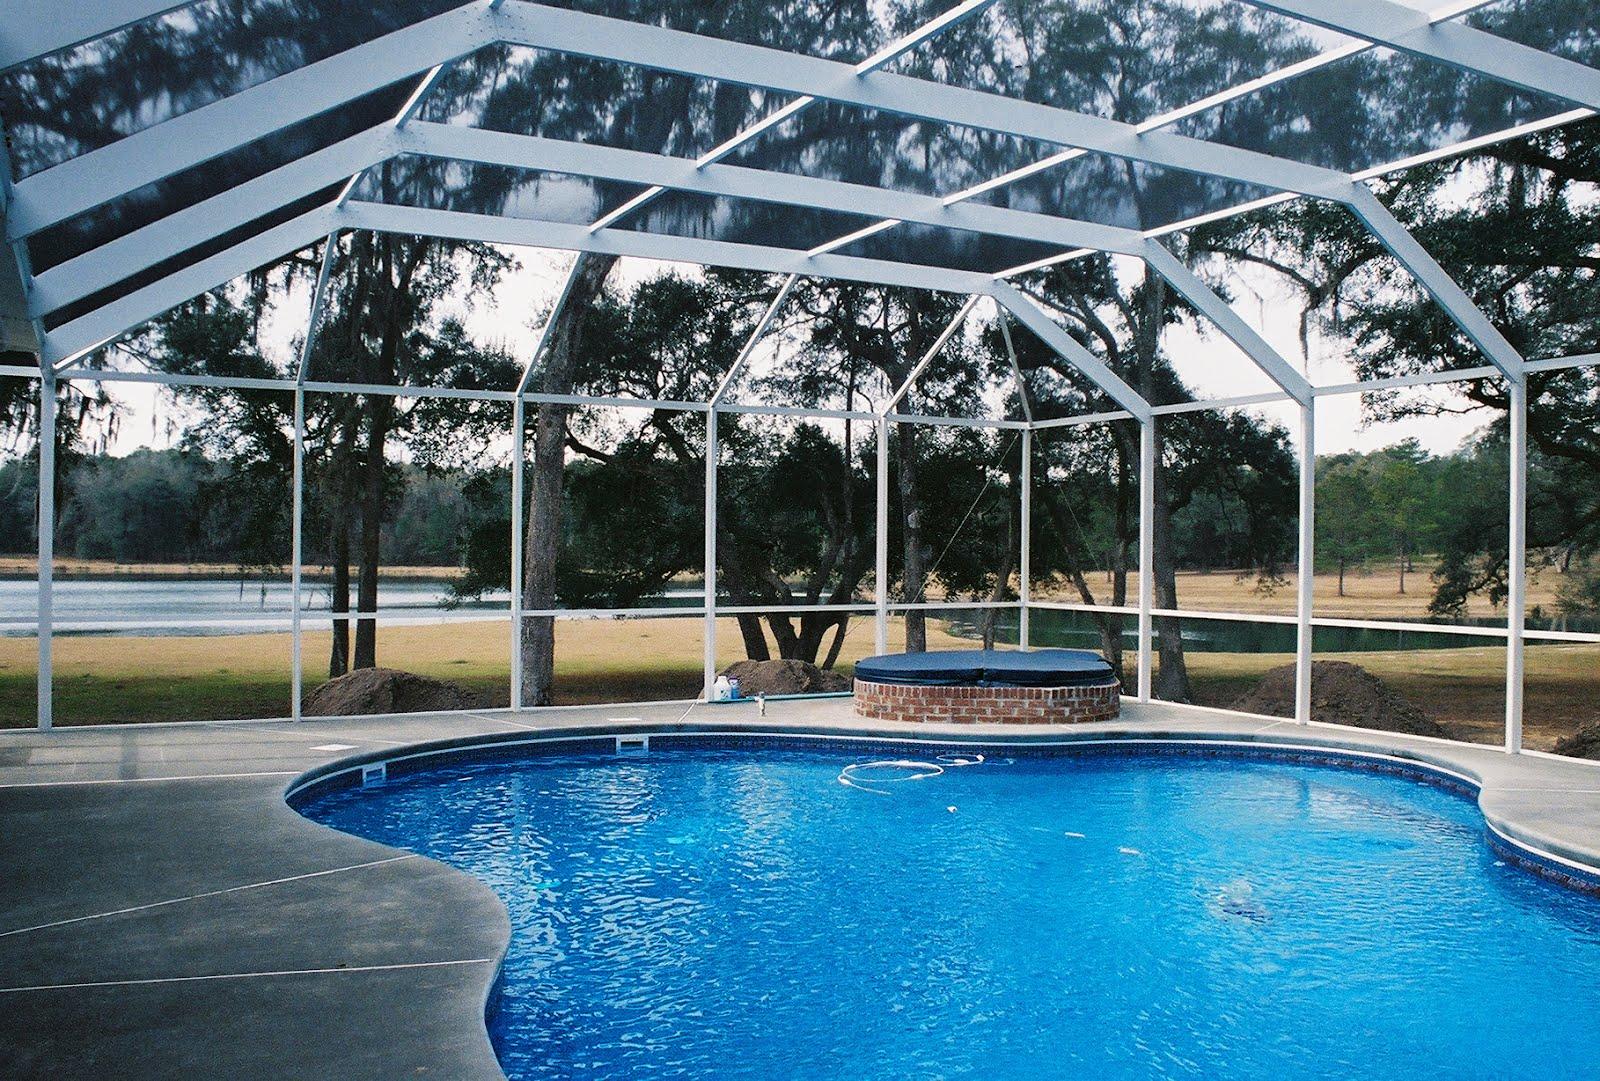 Pool enclosures usa pricing pool enclosures - Swimming pool screen enclosures cost ...